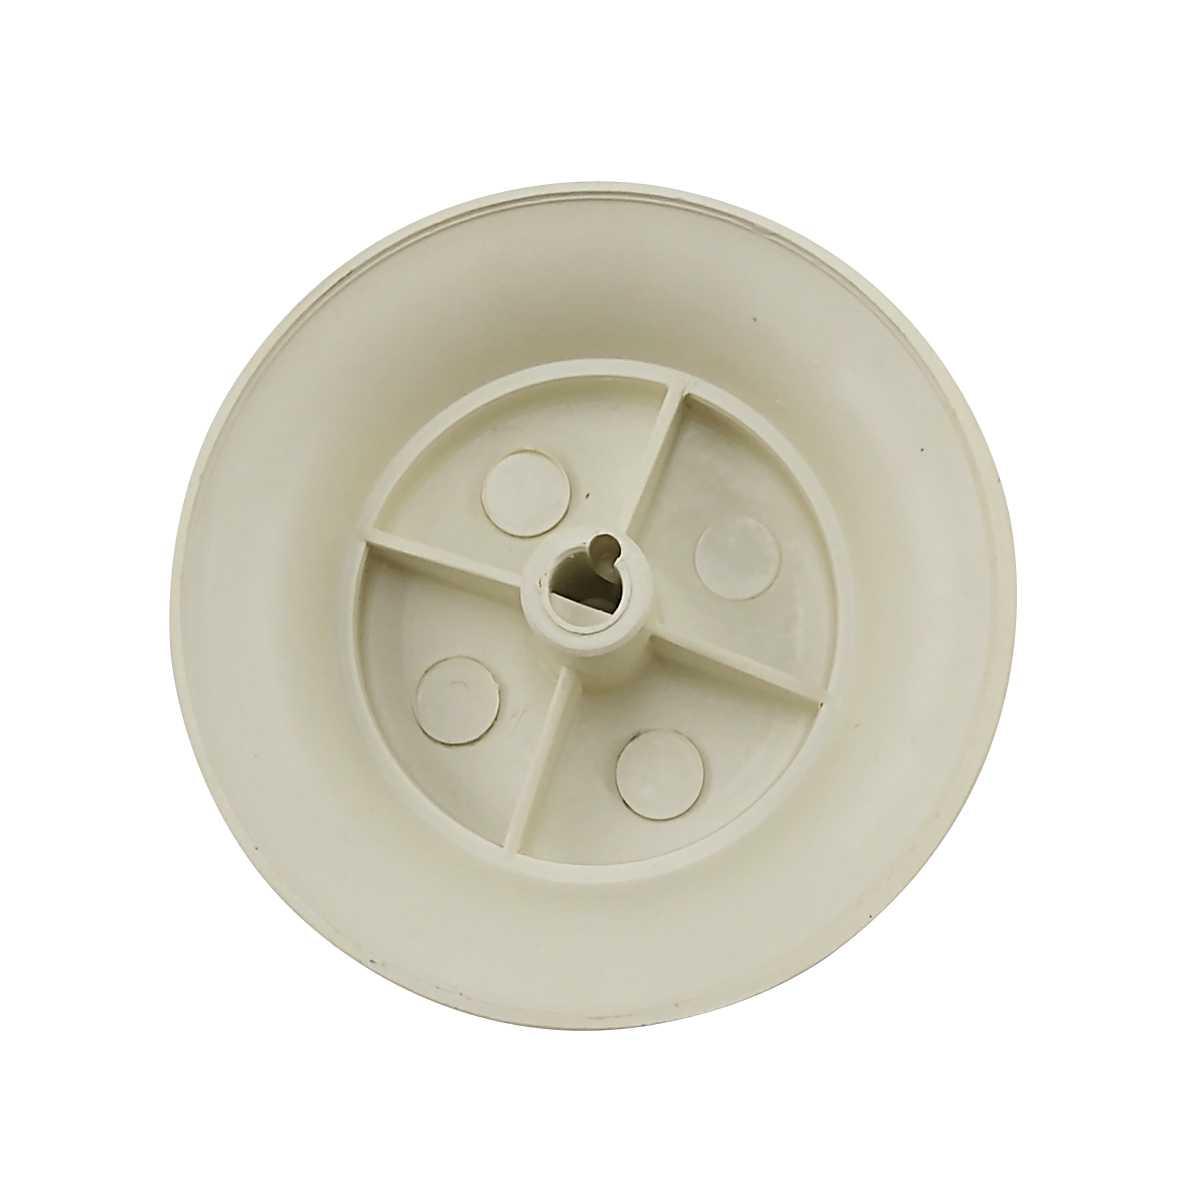 Botão do termostato geladeira Prosdocimo antiga